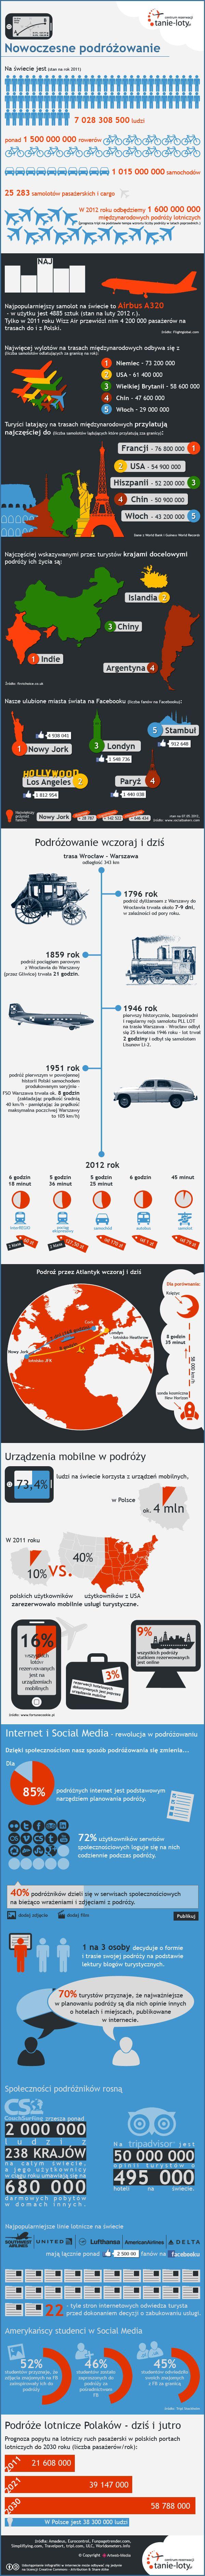 Nowoczesne podróżowanie - infografika - Filigranowe Studio